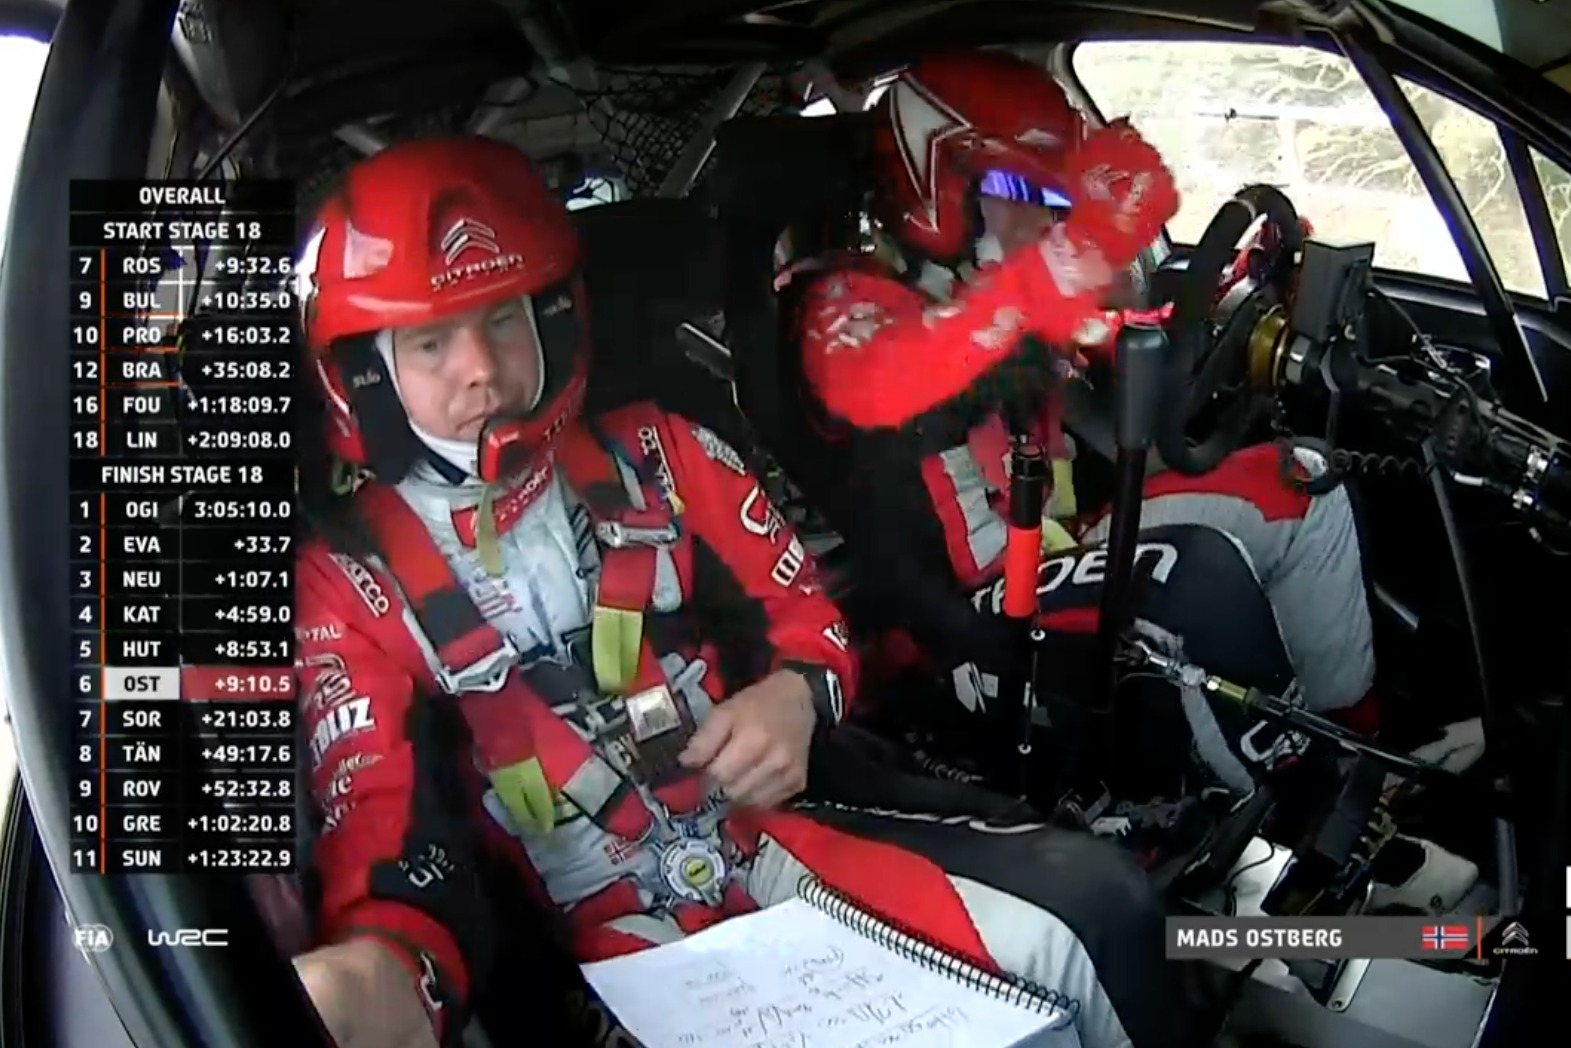 Ostberg bangs the steering wheel in anger.